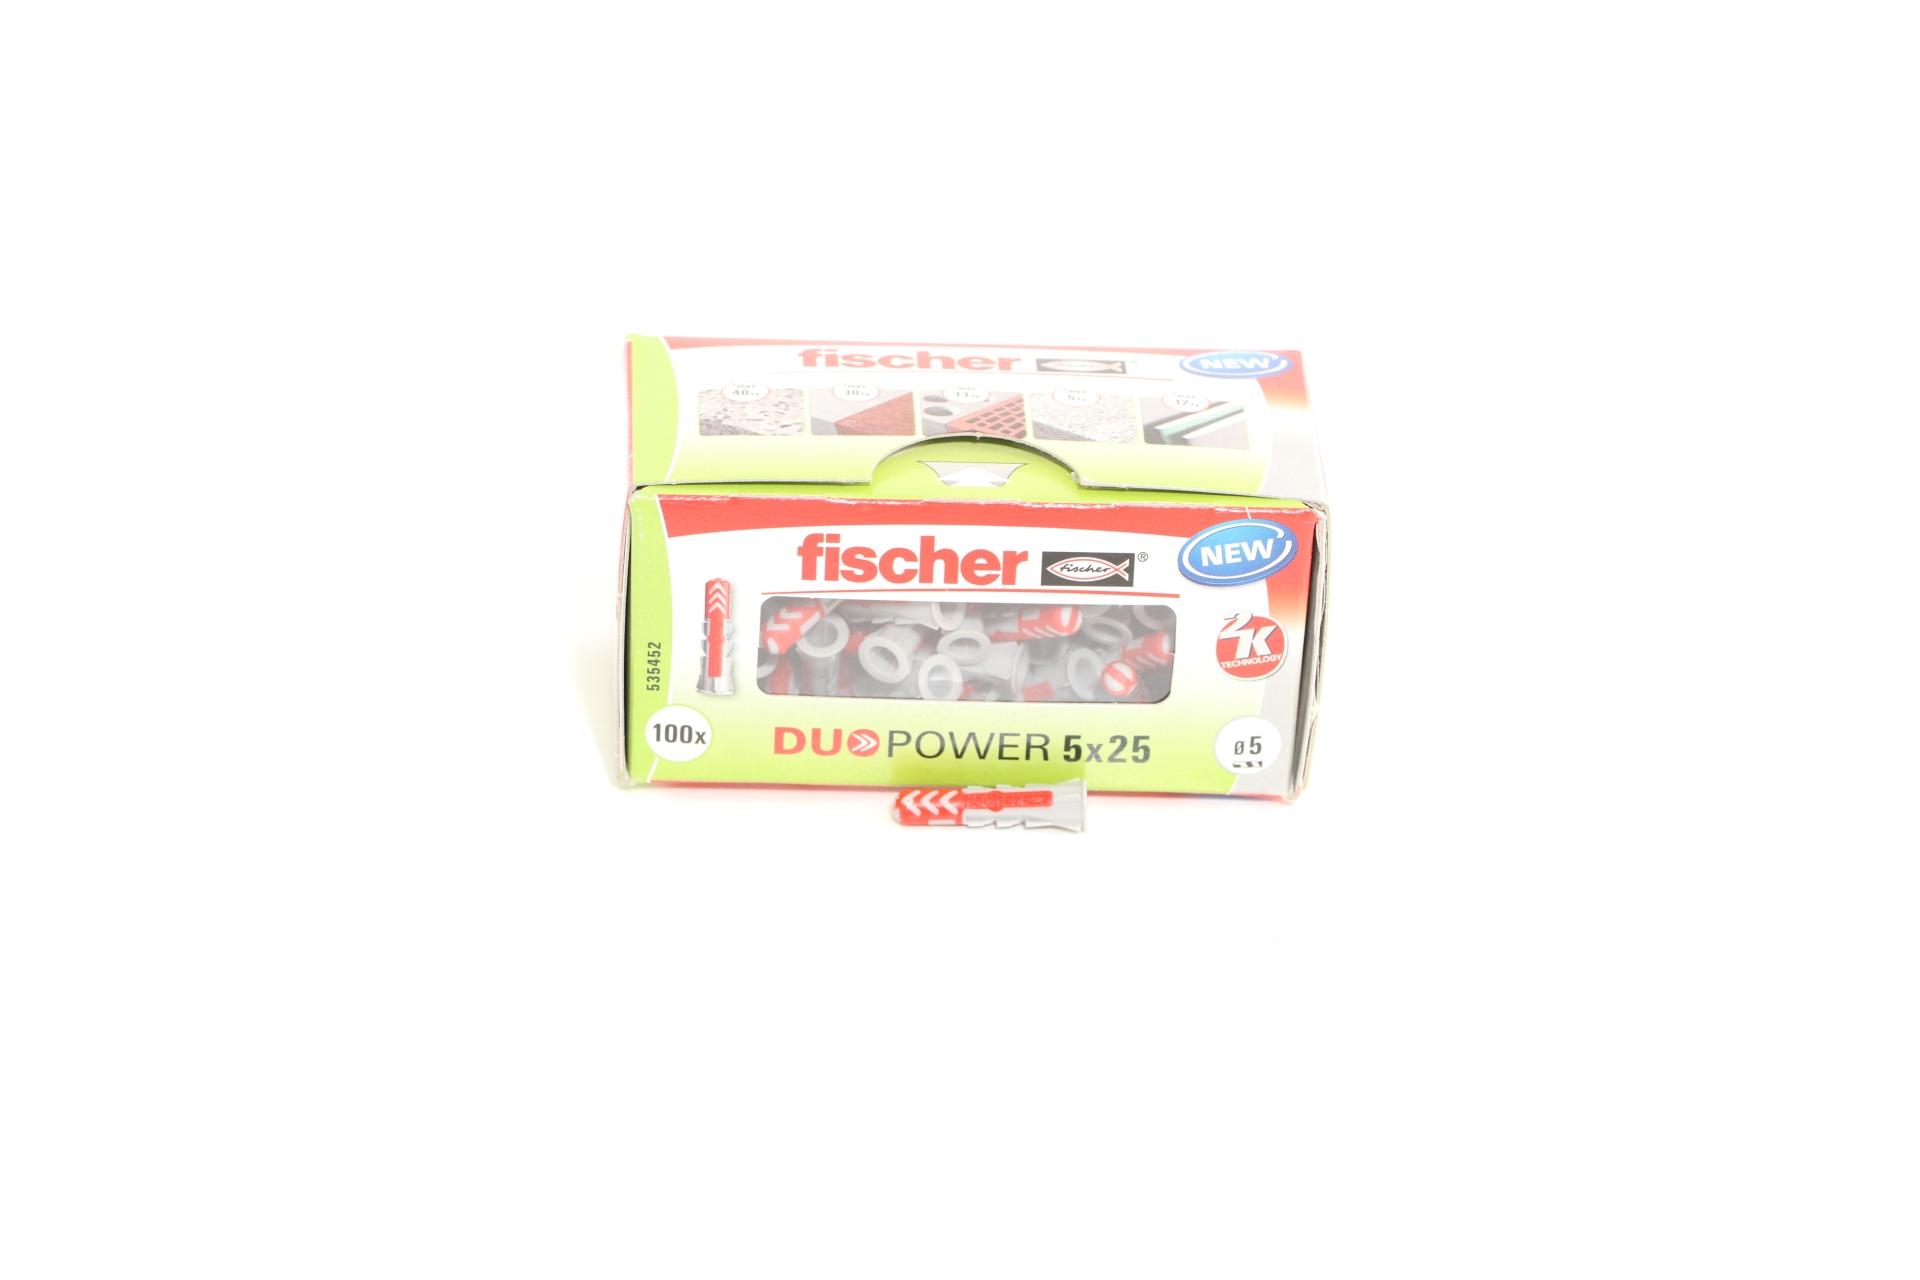 fischer Allzweckdübel DUOPOWER 5 x 25, 100 Stück